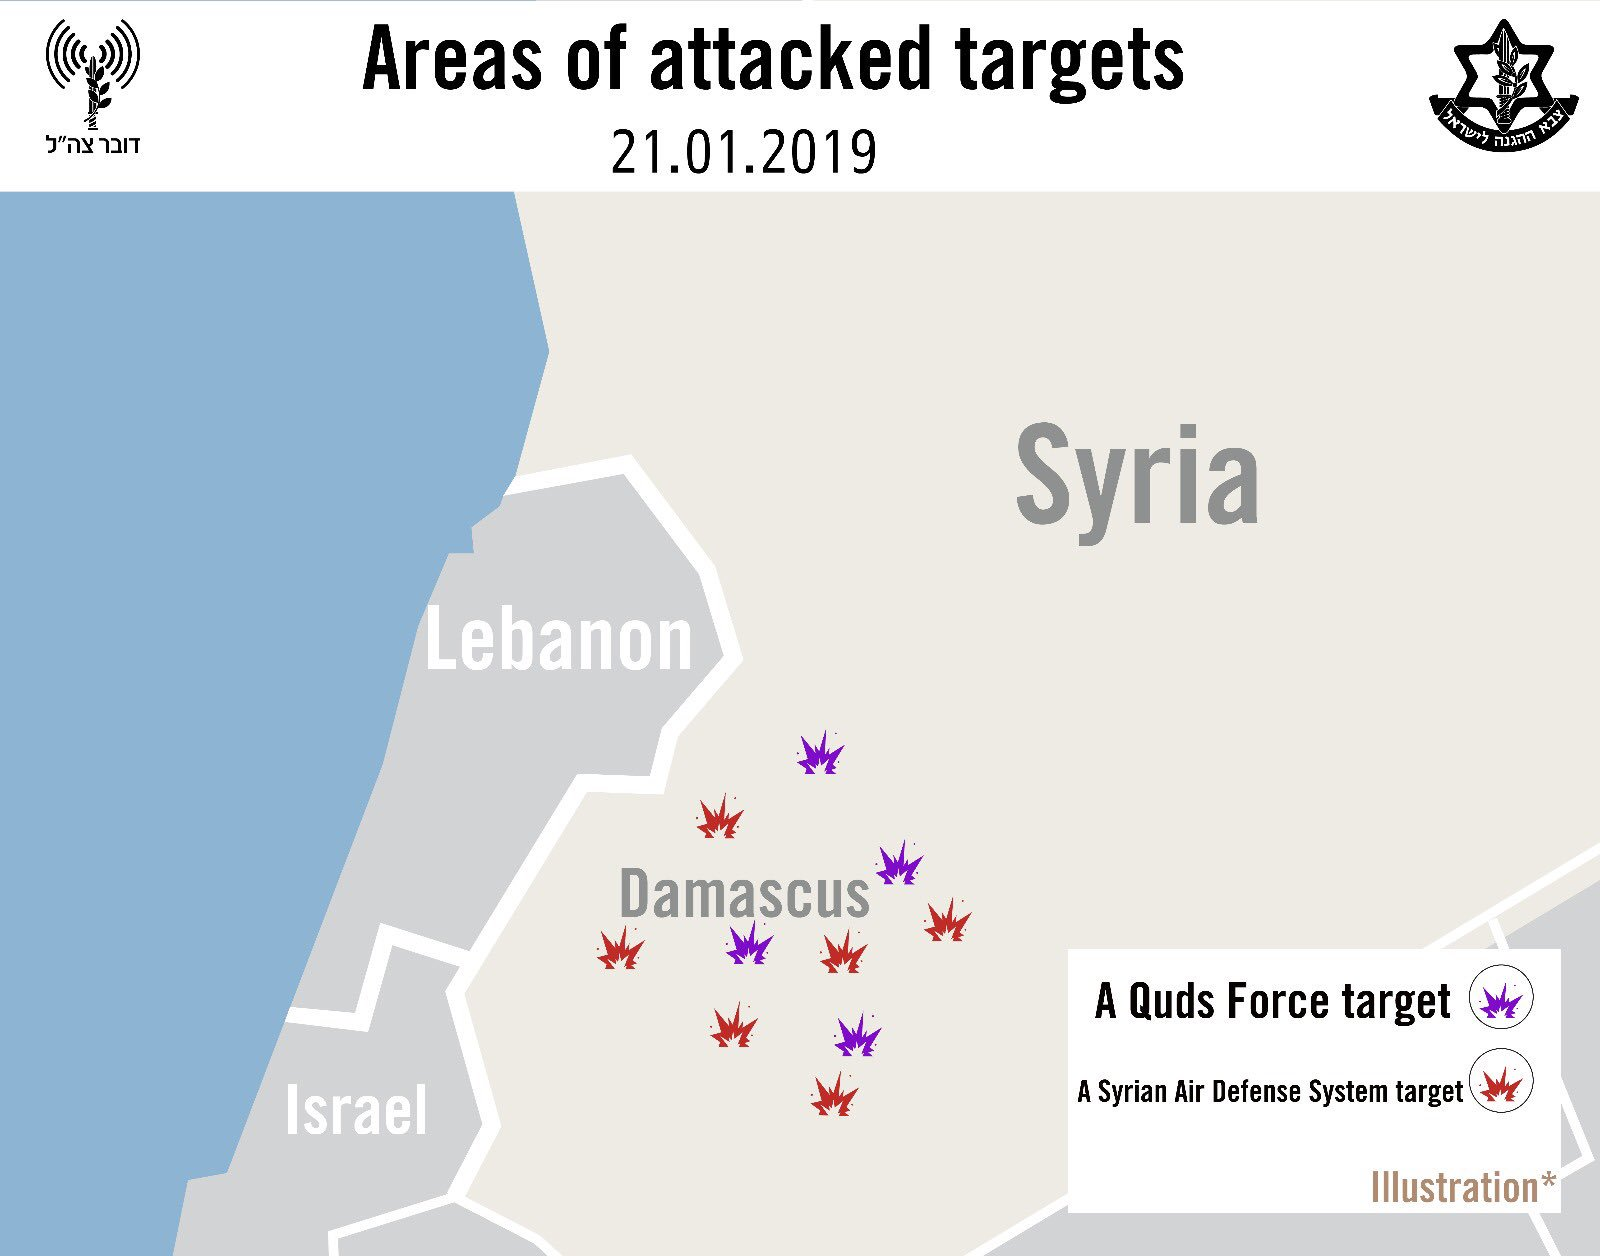 Grote luchtaanval van IDF op Iraanse doelen rond Damascus